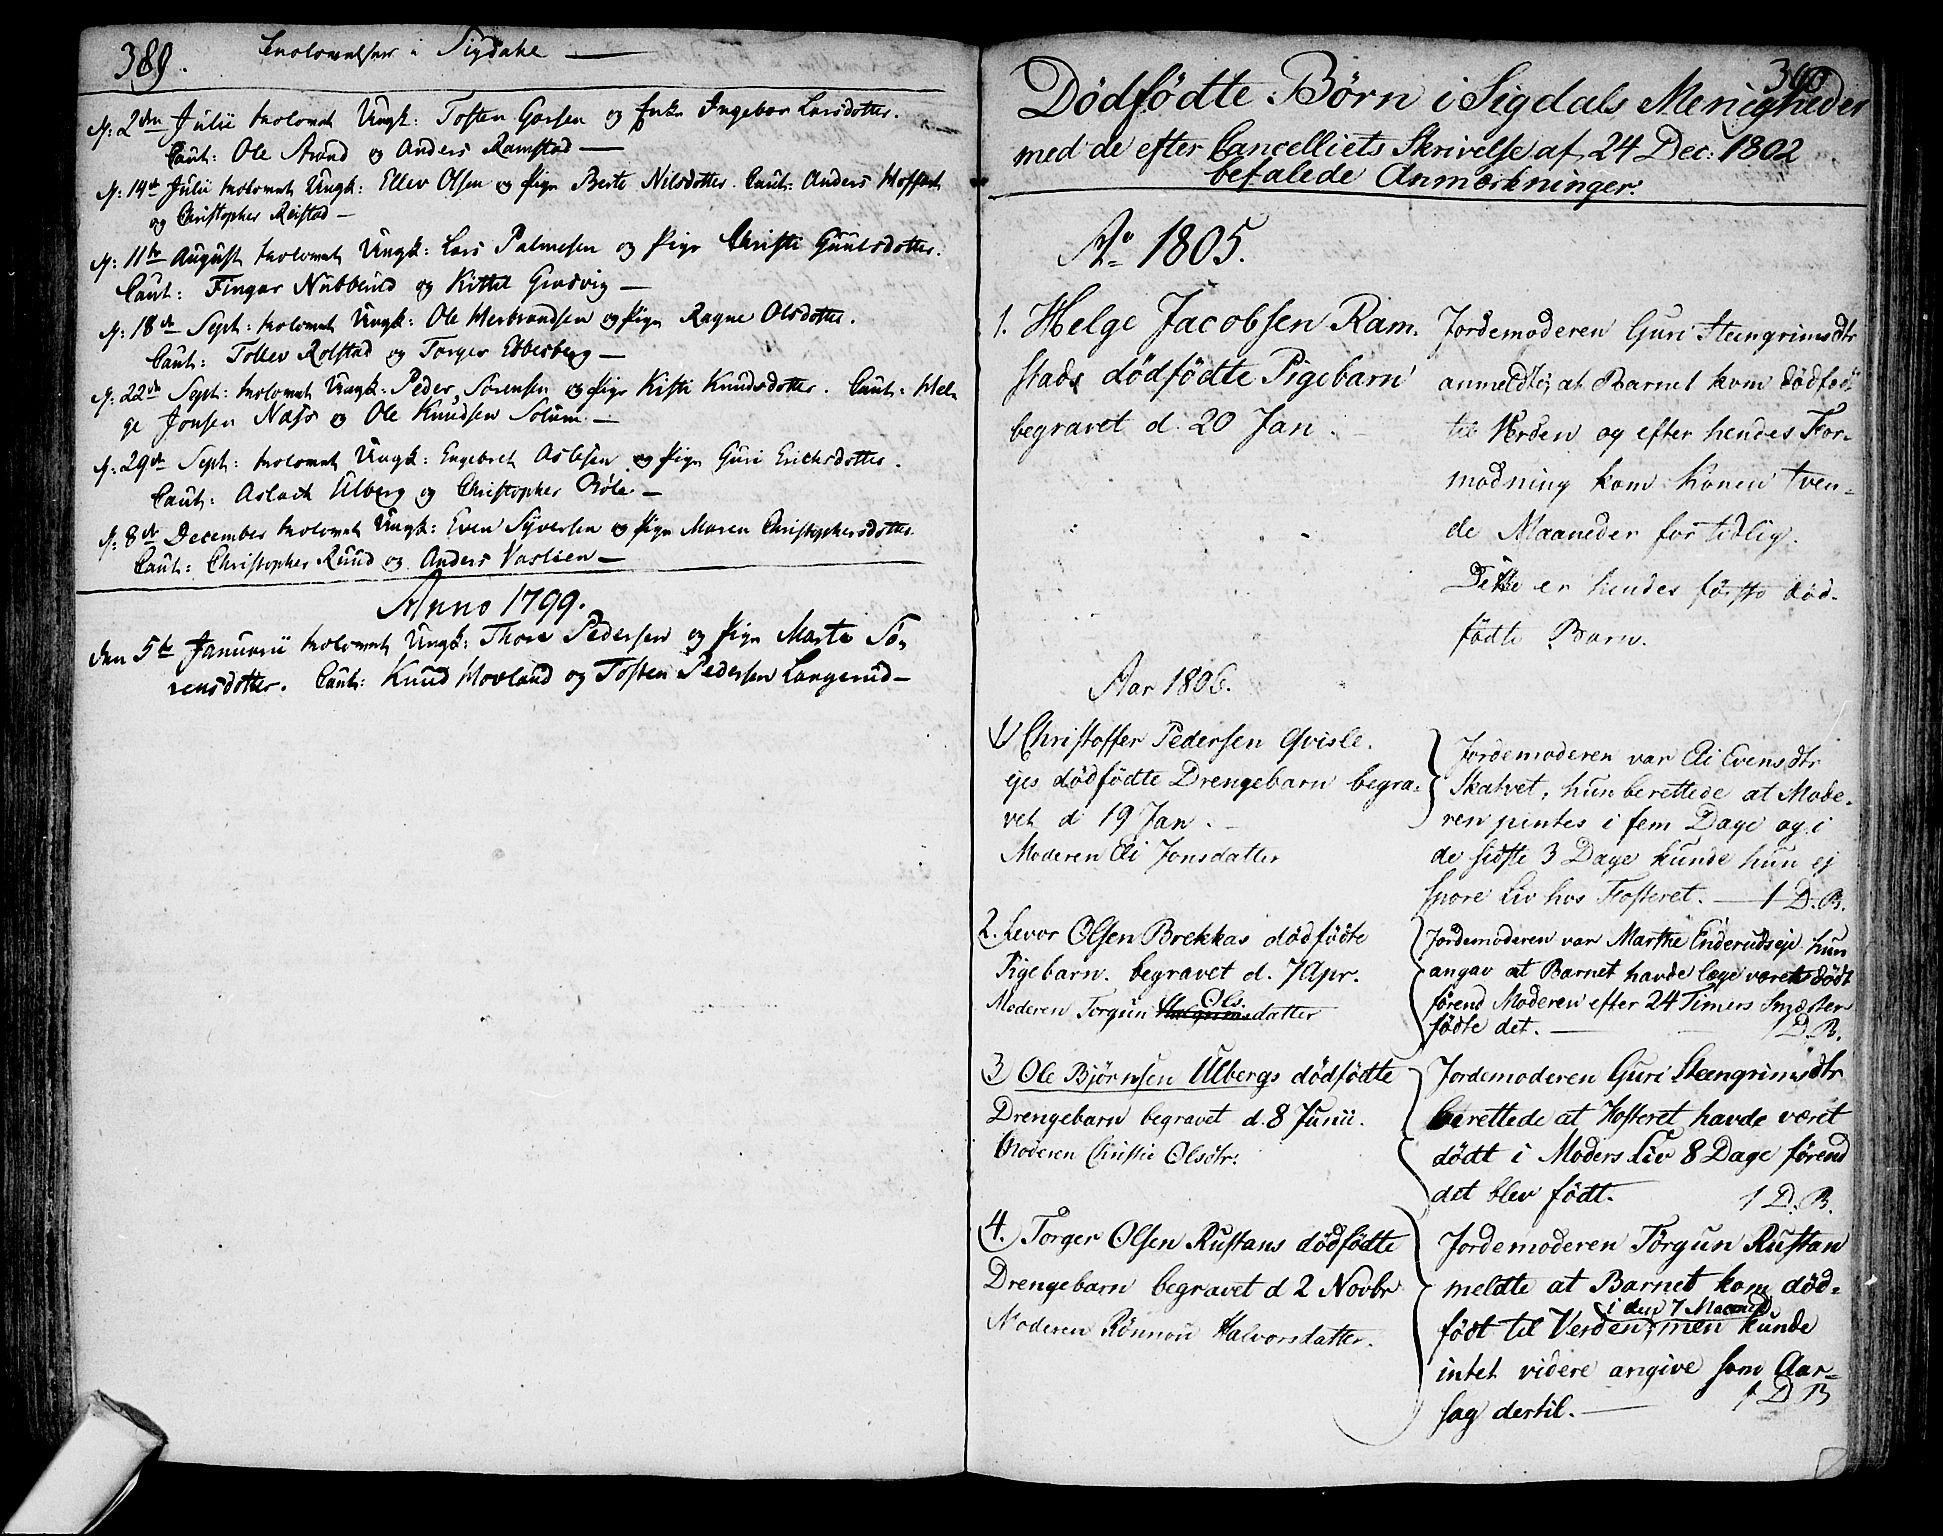 SAKO, Sigdal kirkebøker, F/Fa/L0003: Ministerialbok nr. I 3, 1793-1811, s. 389-390